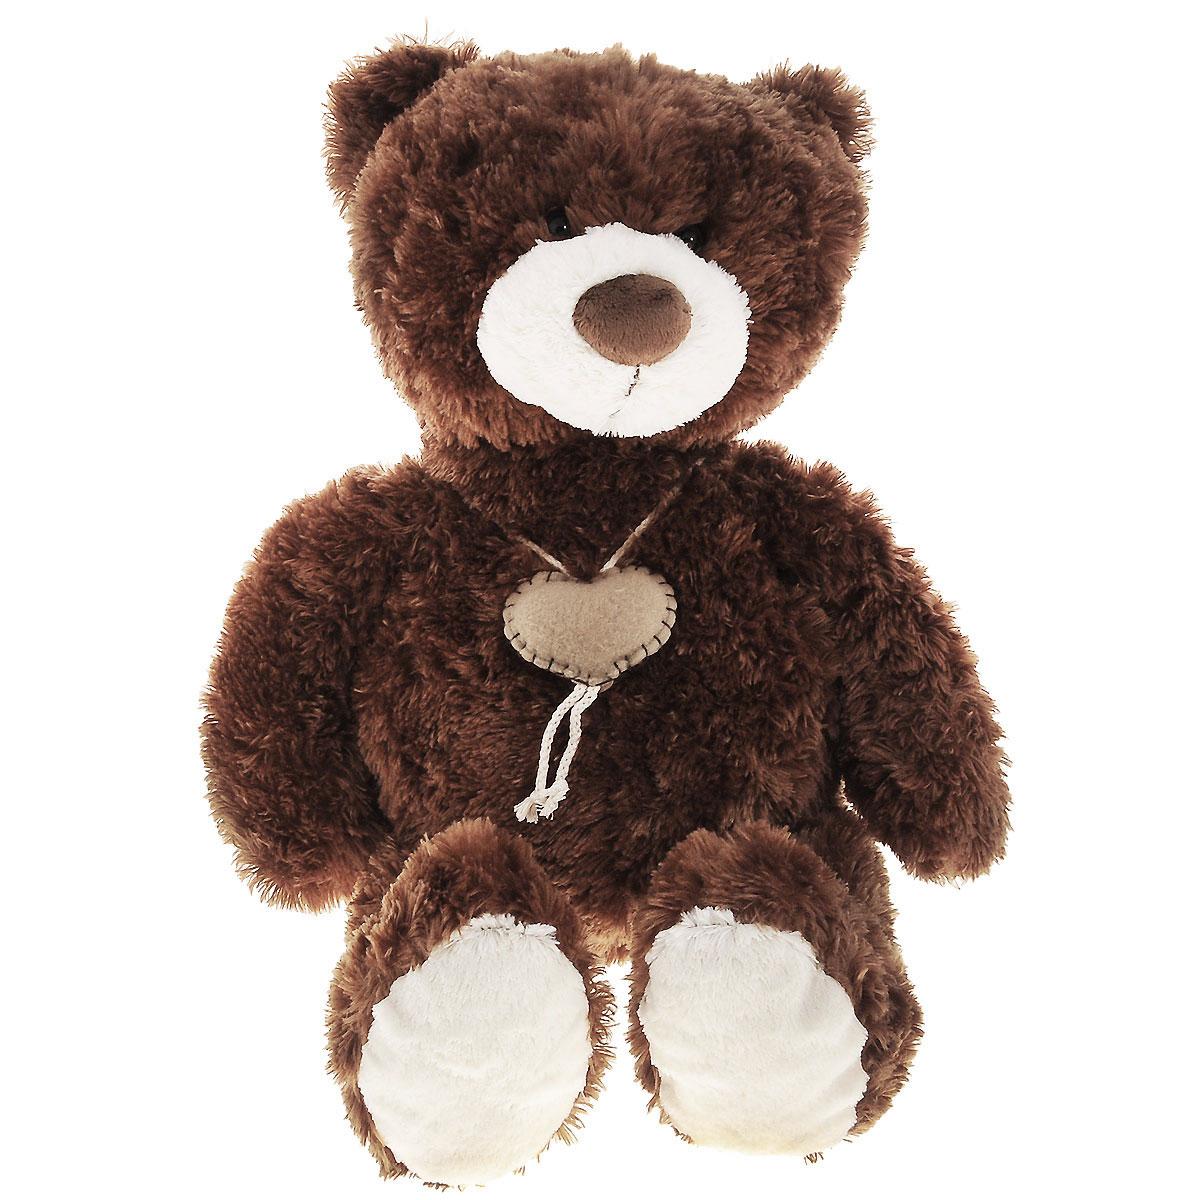 Мягкая игрушка Plush Apple Медведь с сердцем, 70 смK76239E1Мягкая игрушка Plush Apple Медведь с сердцем не оставит вас равнодушным и вызовет улыбку у каждого, кто ее увидит. Игрушка изготовлена из высококачественных текстильных материалов. Выполнена игрушка в виде очаровательного медведя. На шее с помощью шнурка подвязано сердце. Глазки медведя изготовлены из пластика. Симпатичная игрушка неизменно будет радовать вашего ребенка, а также способствовать полноценному и гармоничному развитию его личности.